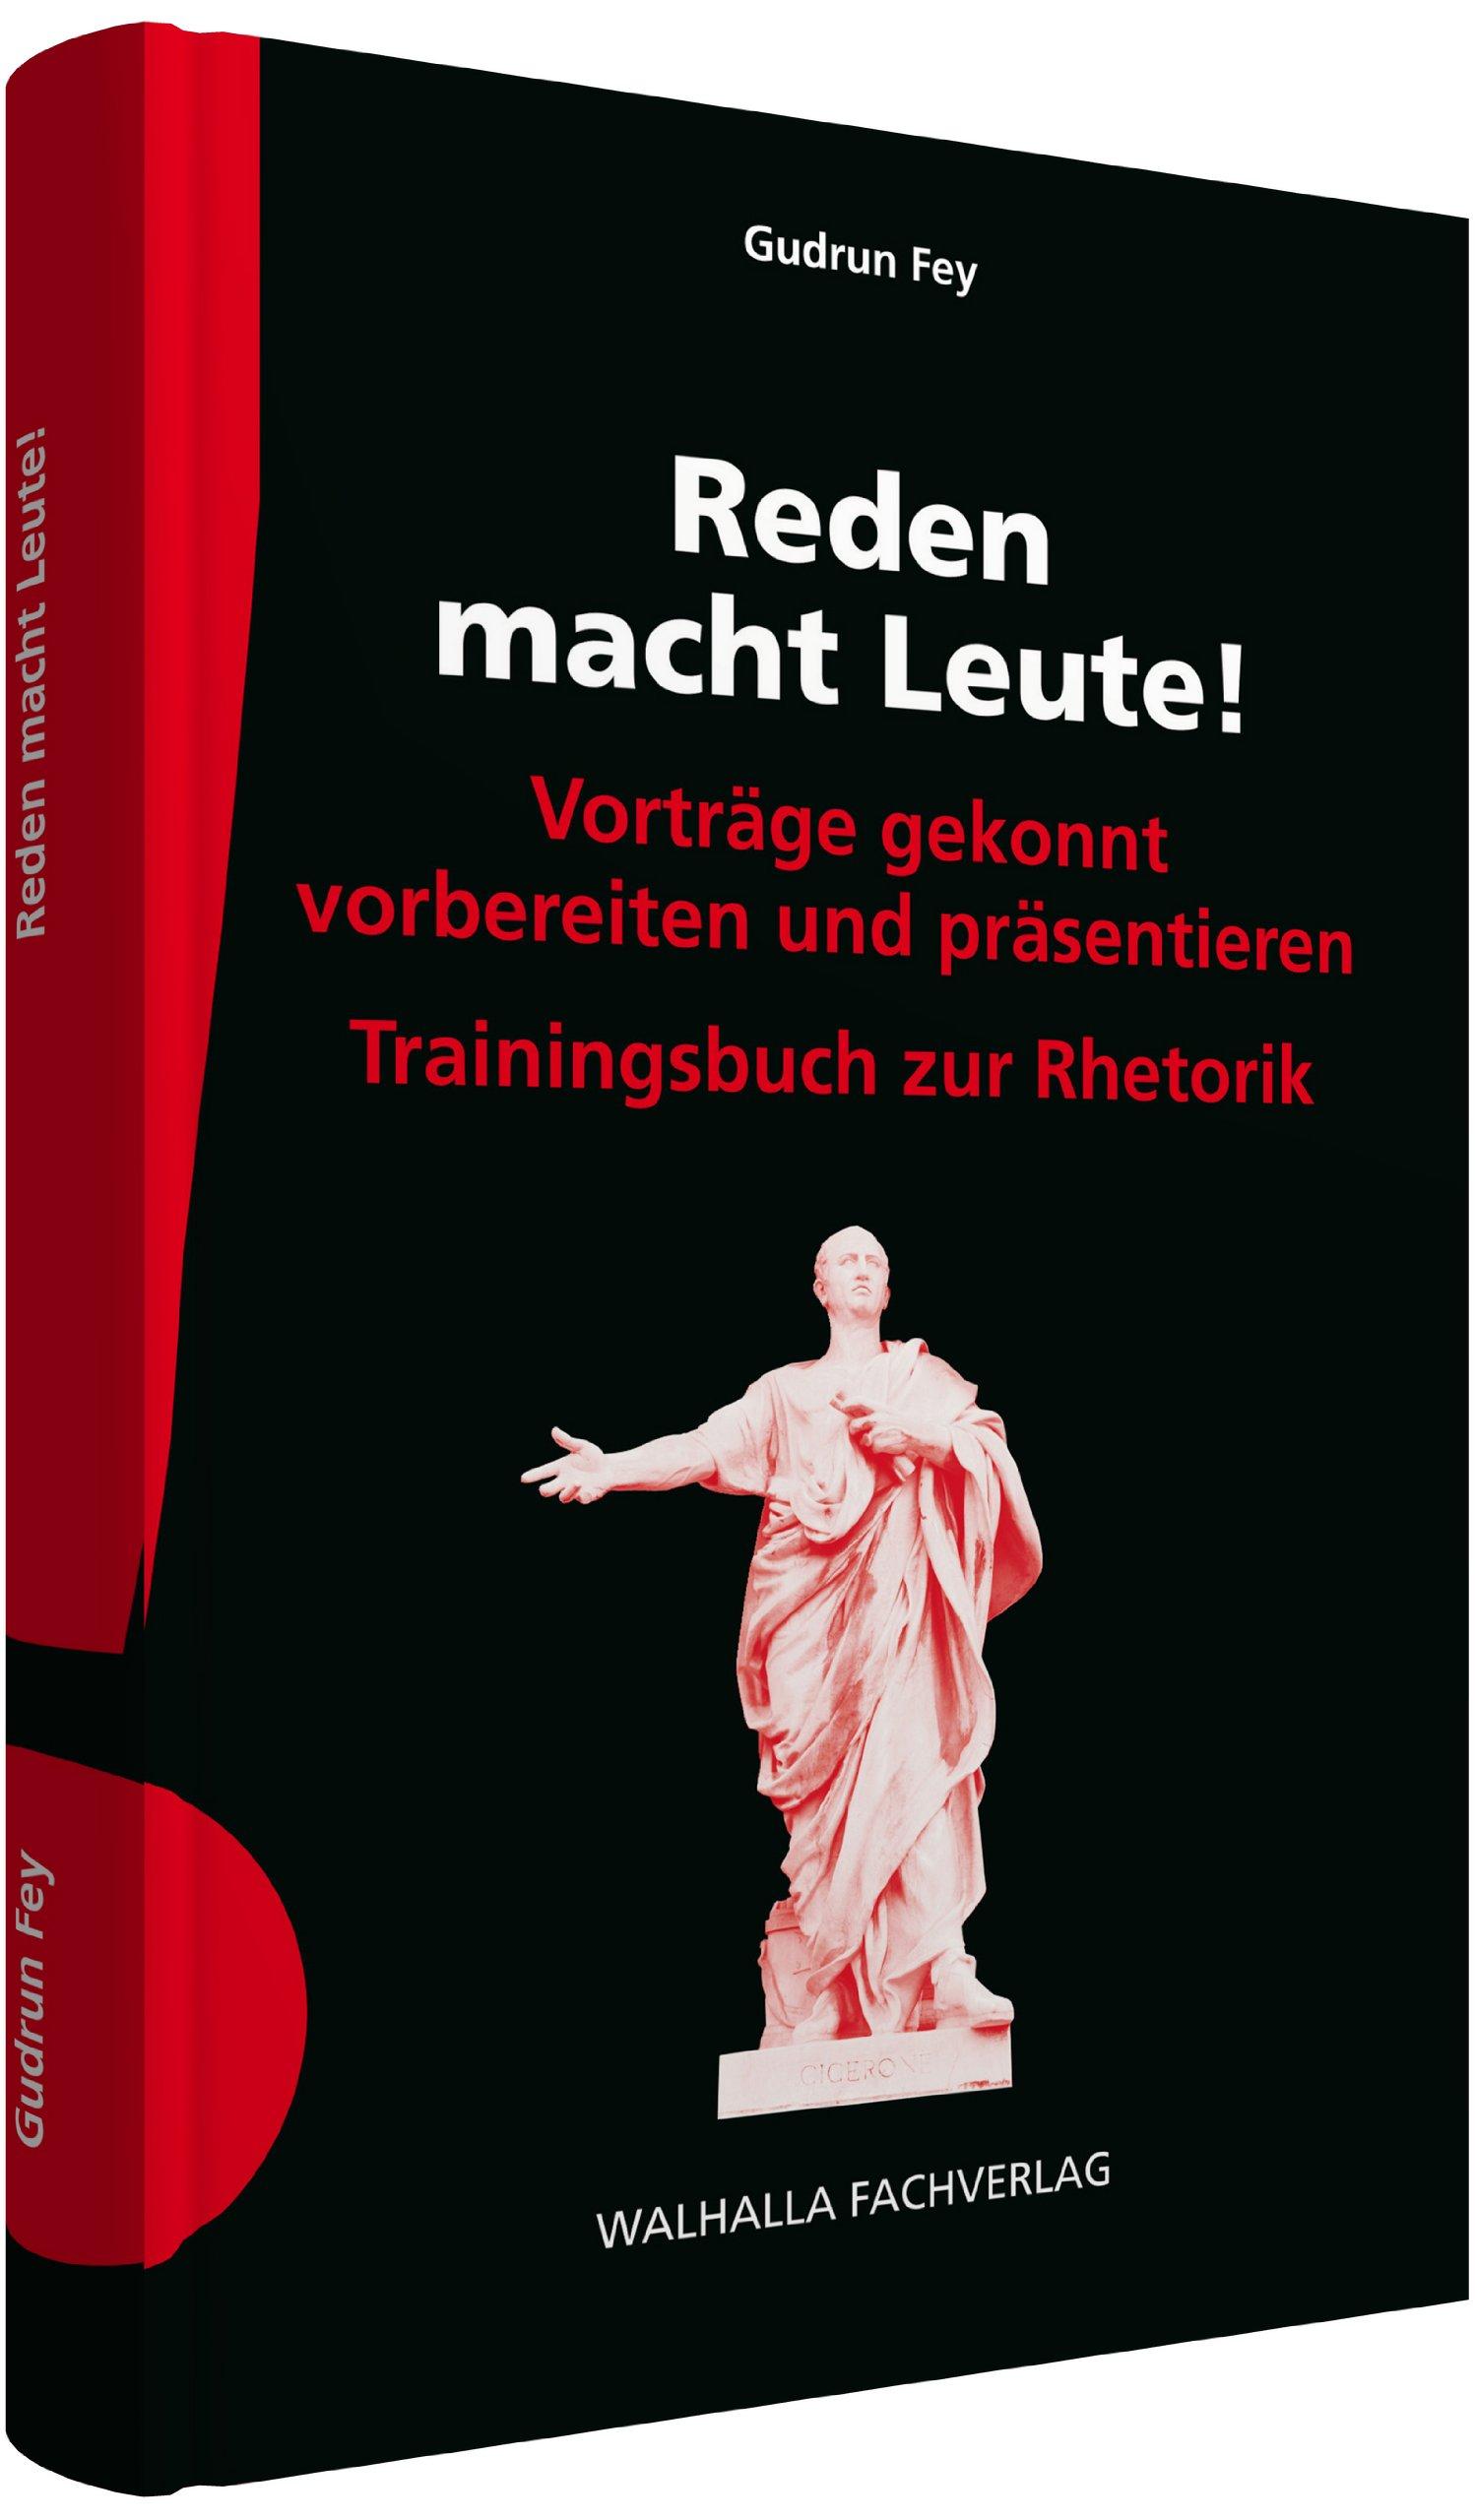 Reden macht Leute!: Vorträge gekonnt vorbereiten und präsentieren; Trainingsbuch zur Rhetorik